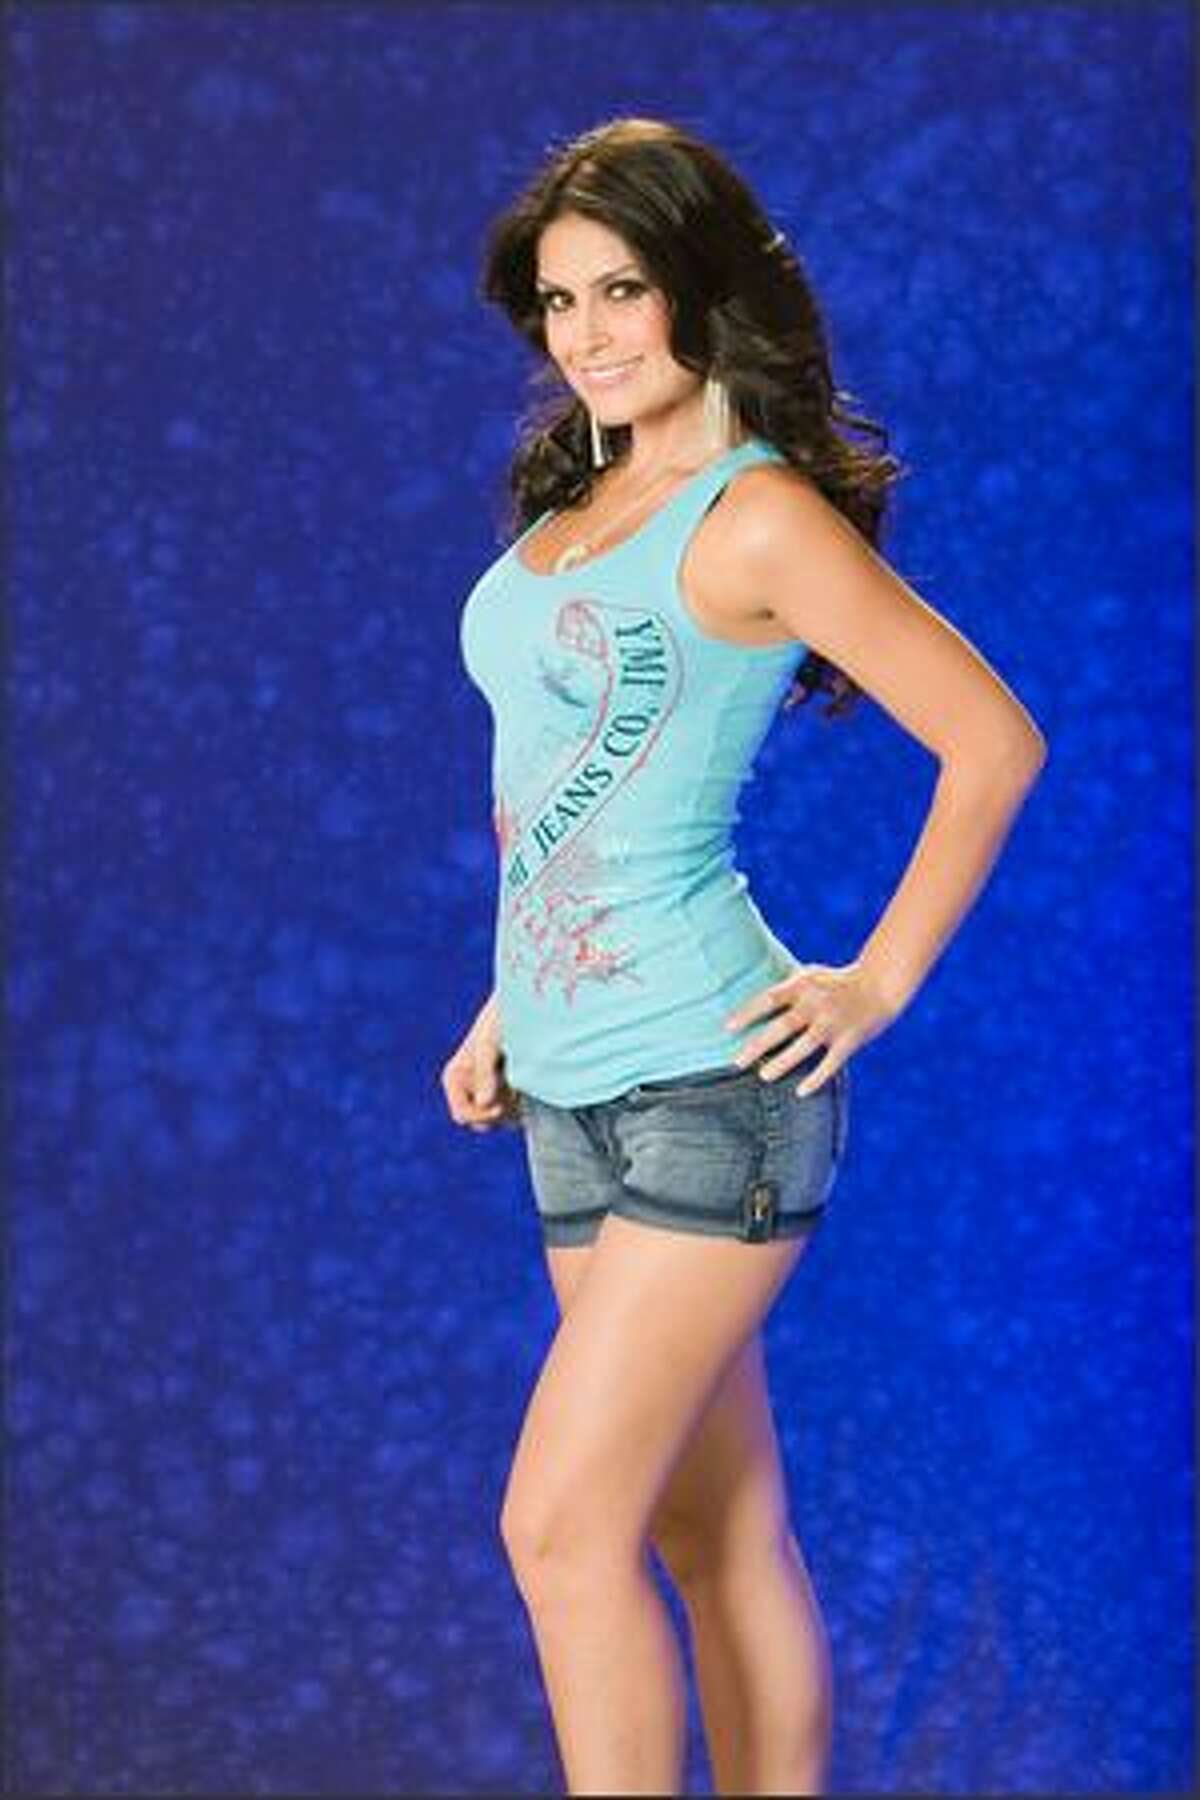 Natalia Guimaraes, Miss Brazil 2007.